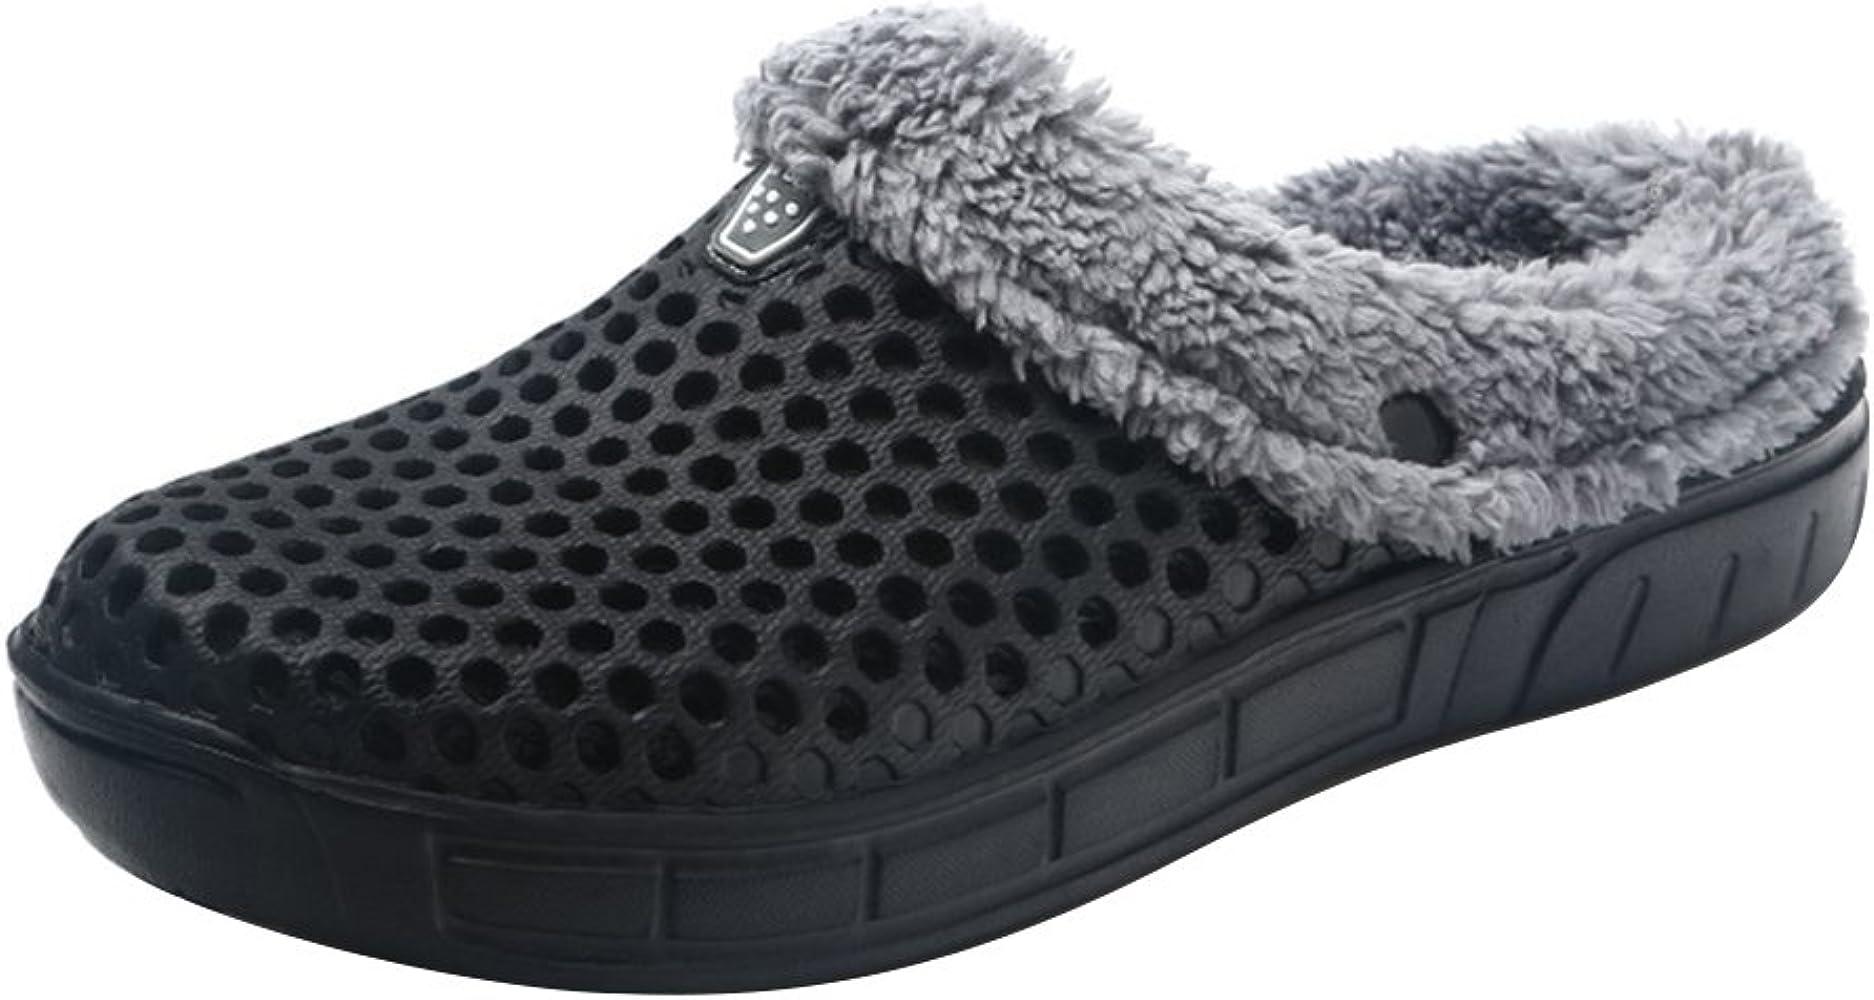 Hombres Mujer Mulas Zuecos Zapatos Resbalón En Jardín Zapatos Casa Zapatilla Redondo Dedo del Pie Forrado En Caliente Invierno Zapatillas Negro 37 Kootk: Amazon.es: Zapatos y complementos